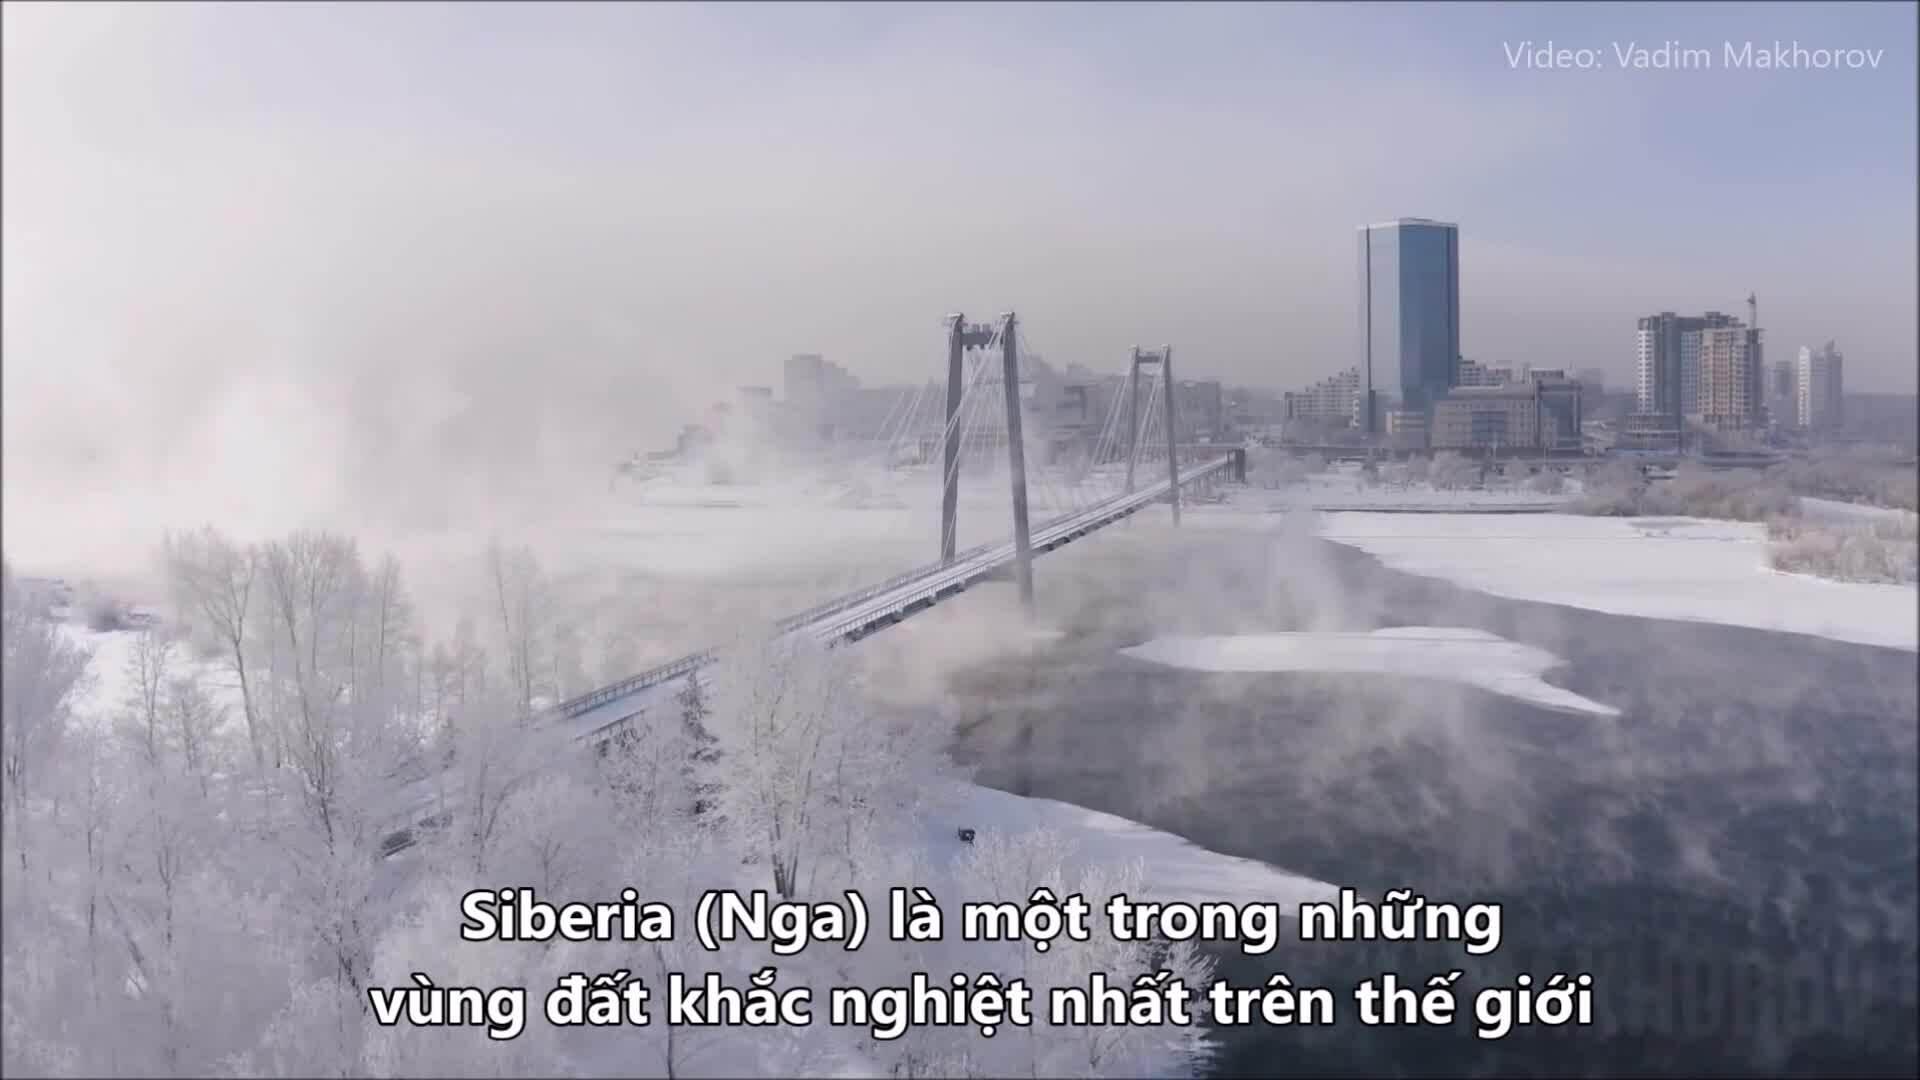 Vẻ đẹp thành phố lạnh lẽo vùng Siberia